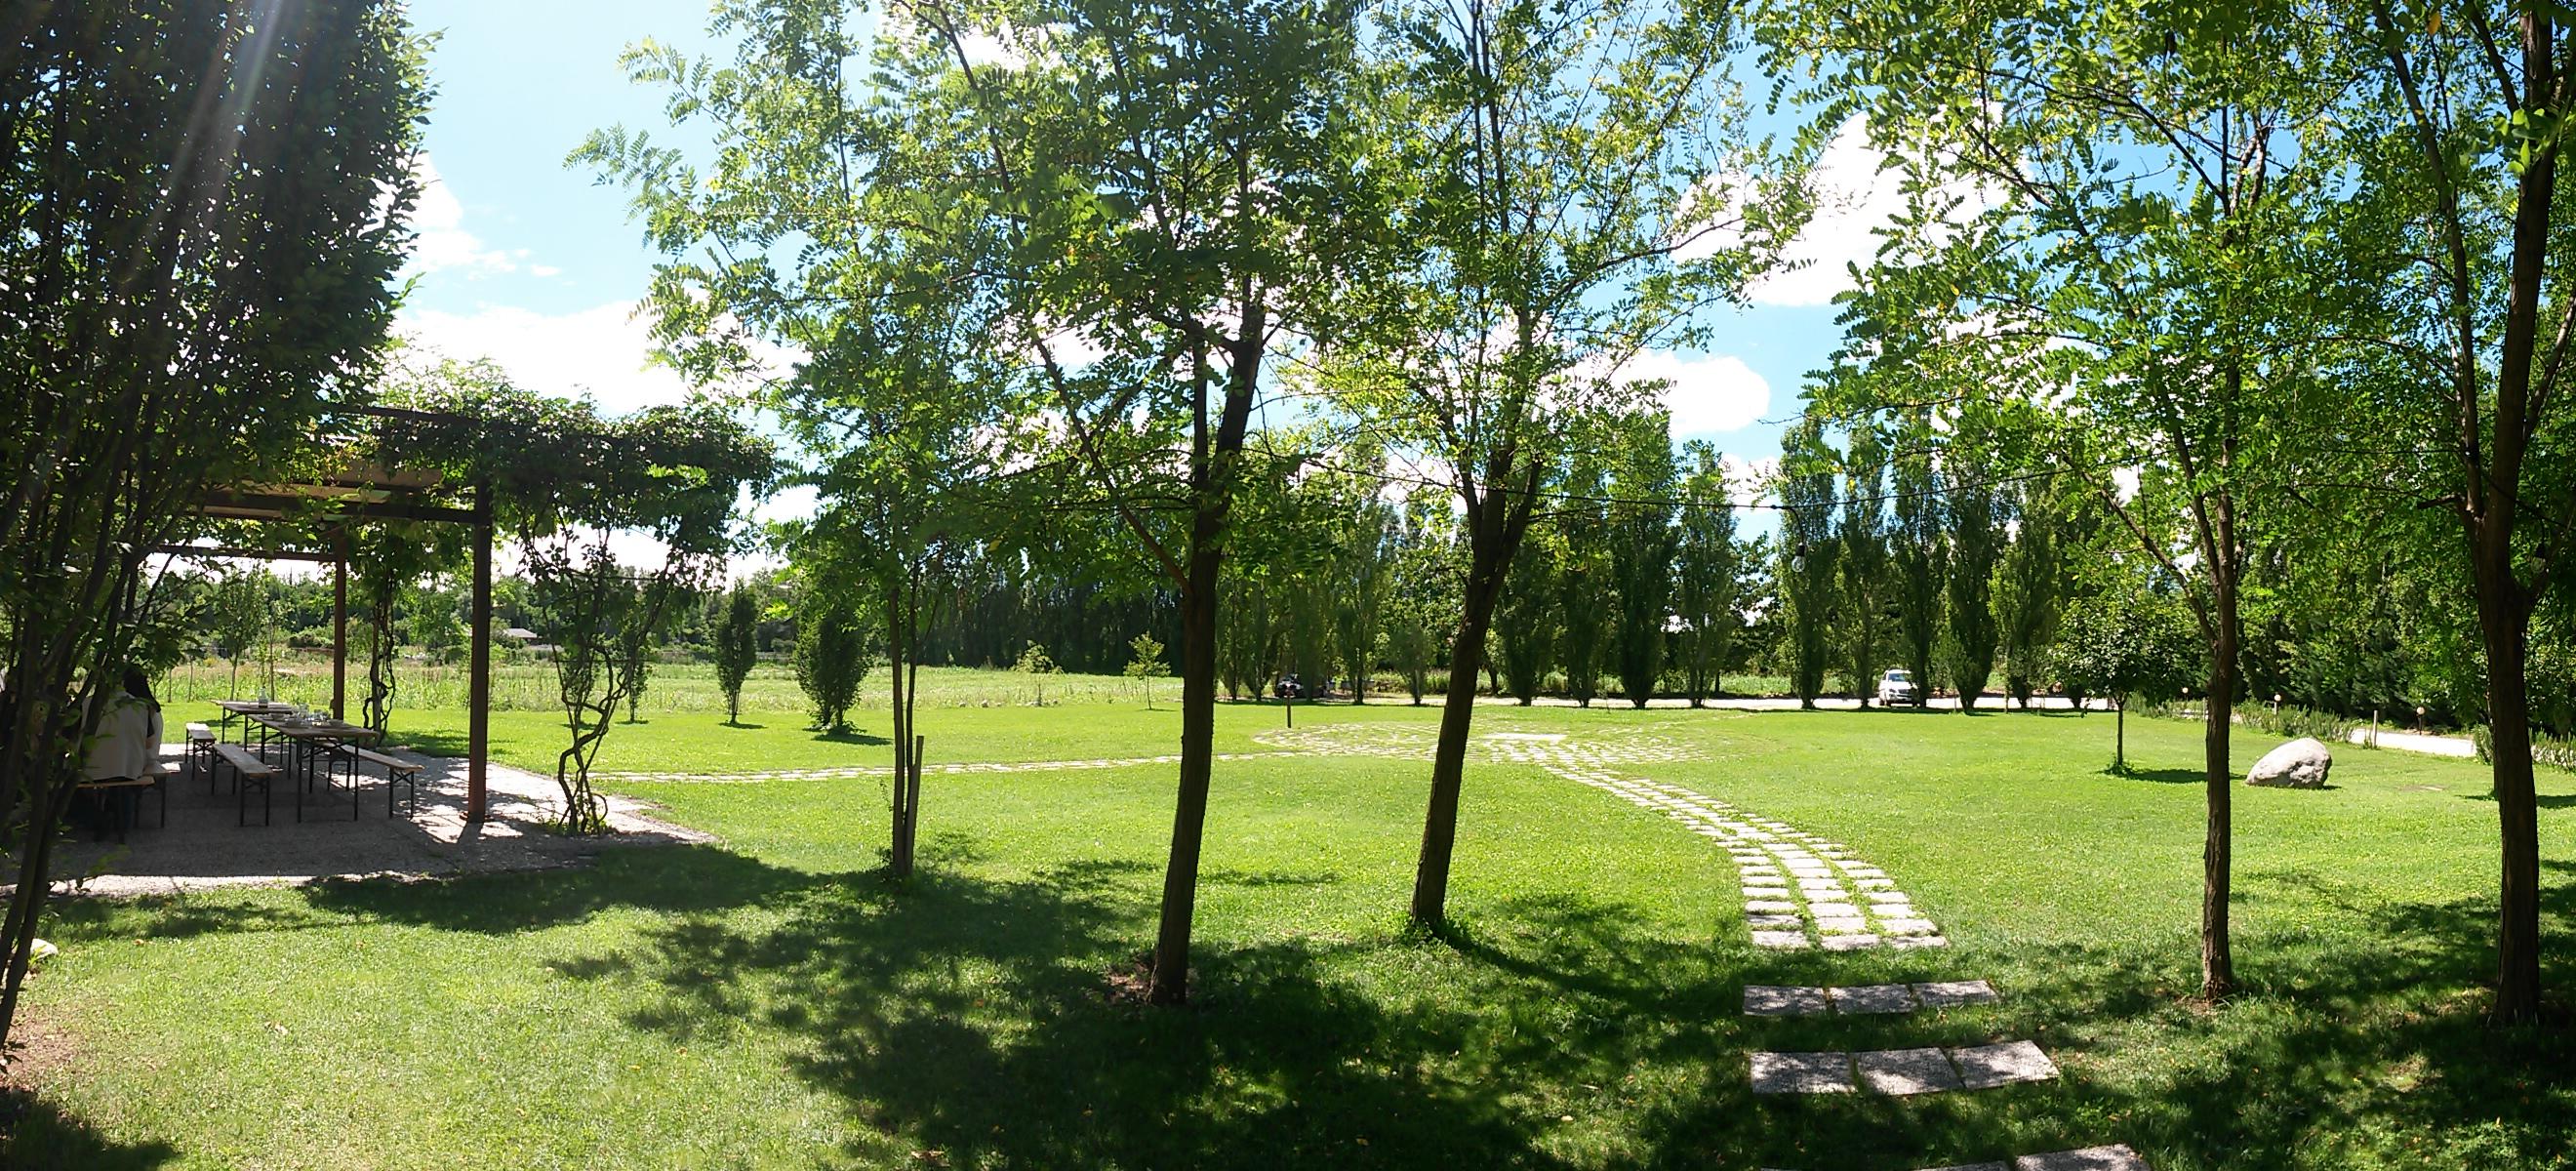 Tirtha Park